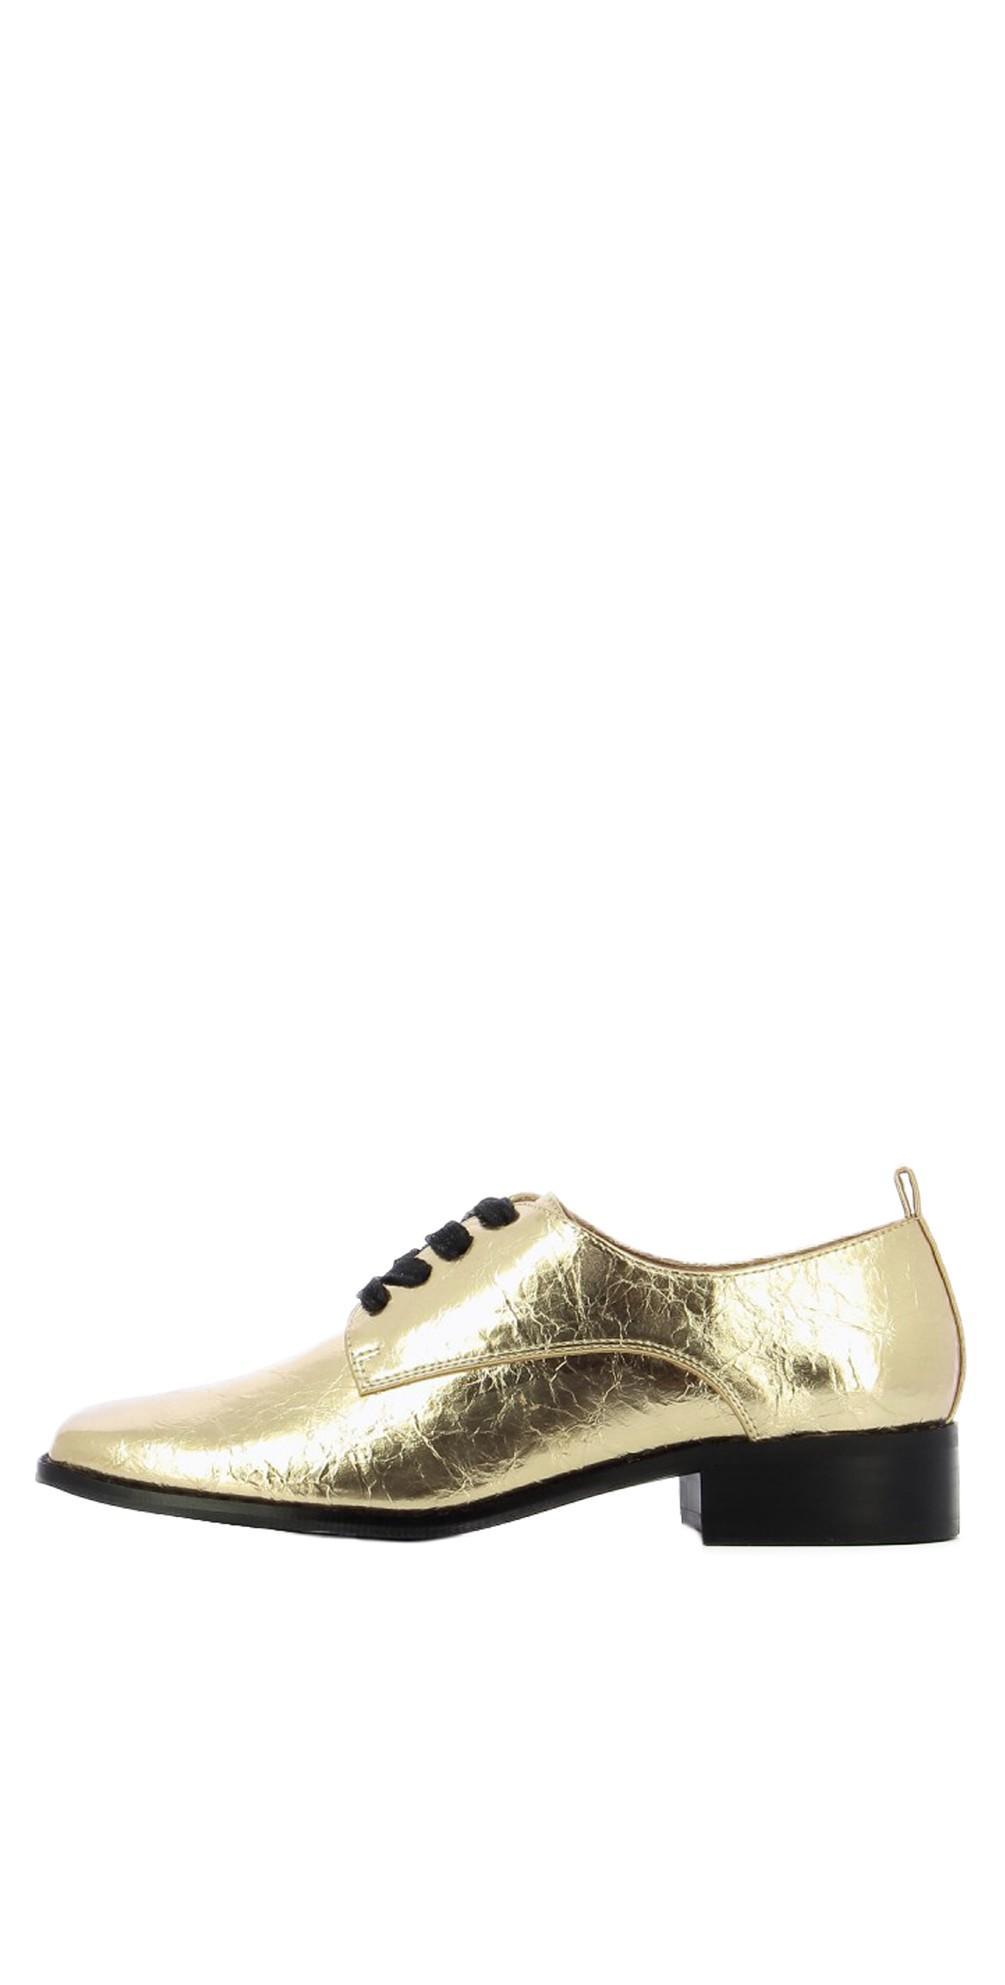 Richelieus Lace Up Shoe main image